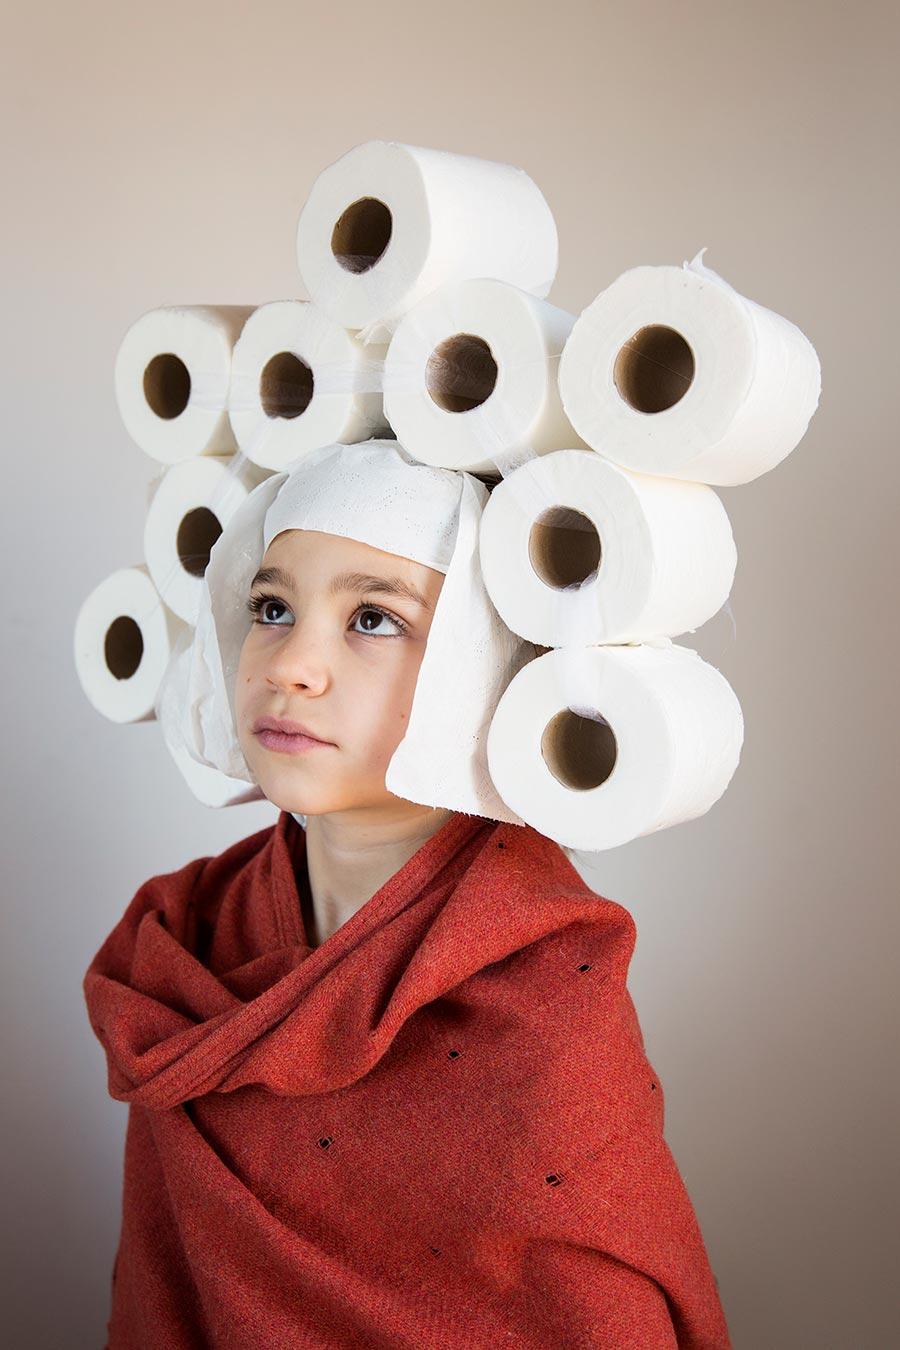 Den spanske fotograf Paola de Grenet fabulerer over folks hamstring af toiletpapir under coronakrisen i Spanien.